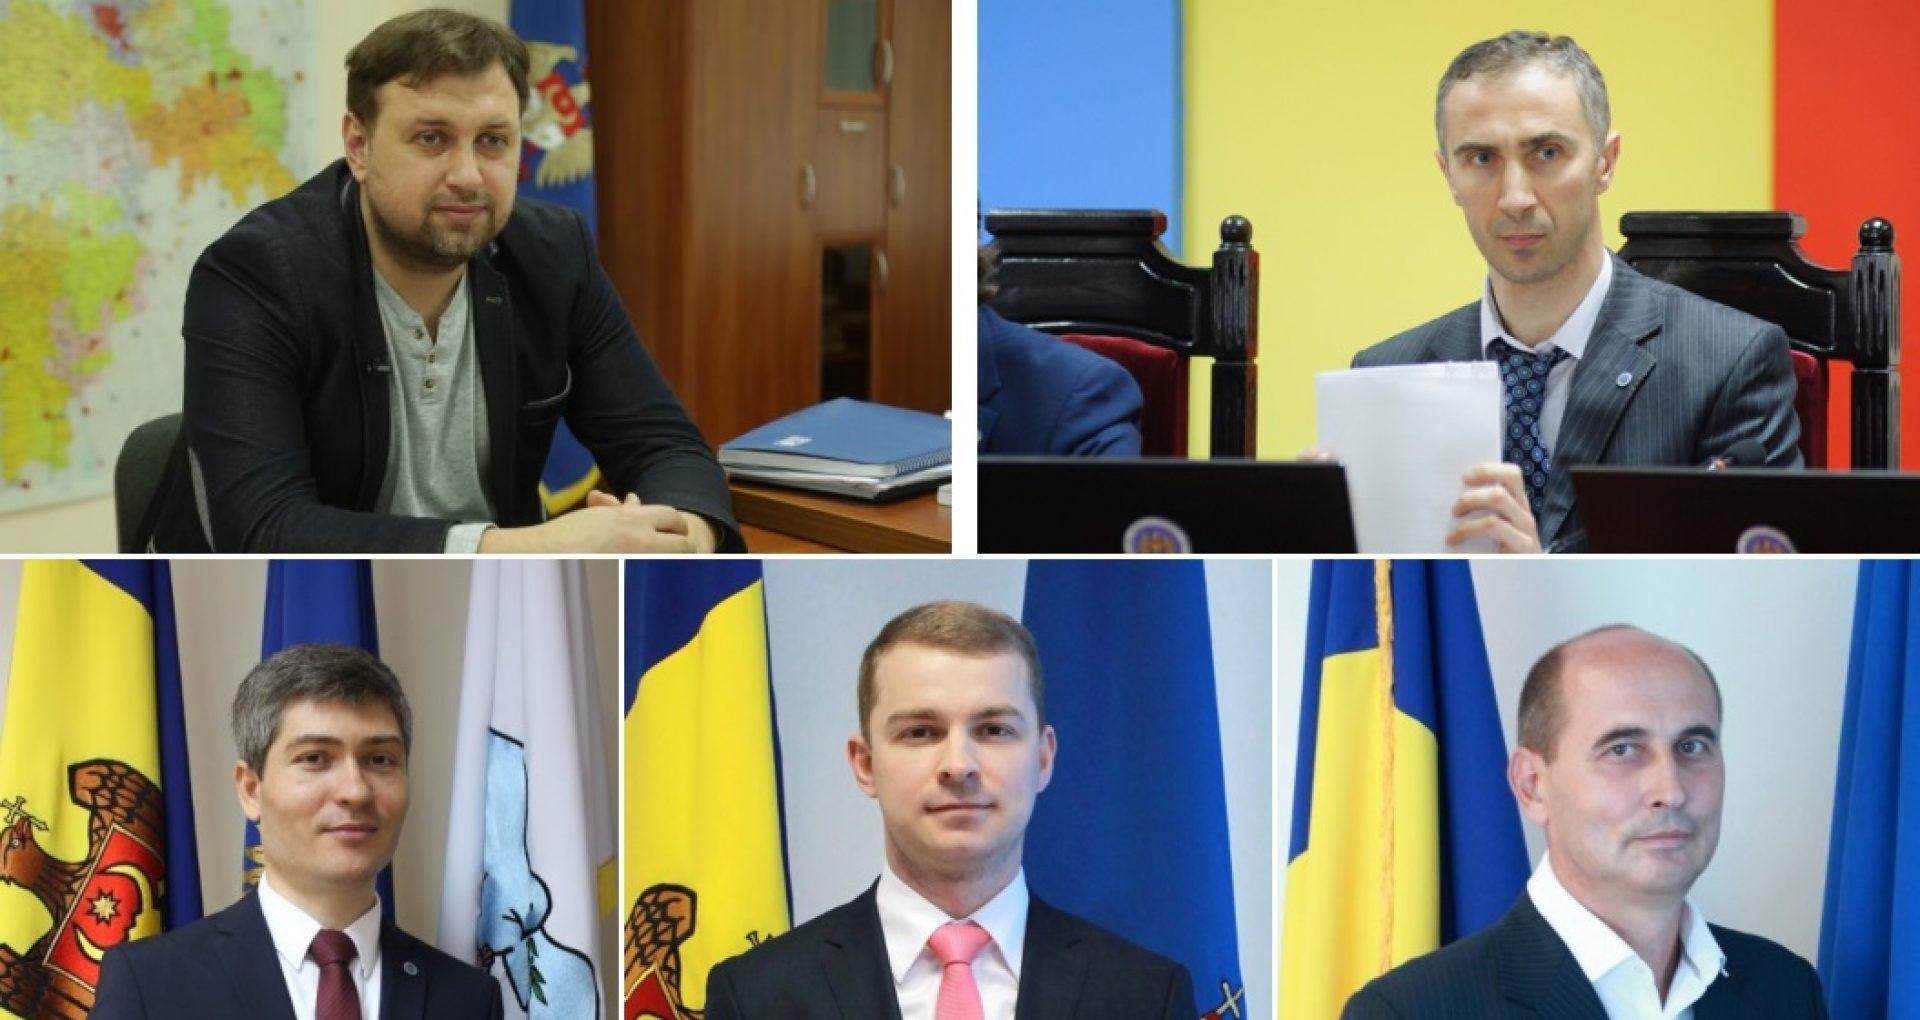 Cine sunt, cine i-a propulsat în funcții și relațiile cu politicul a celor 5 membri ai CEC care au decis deschiderea a 139 de secții de votare în străinătate